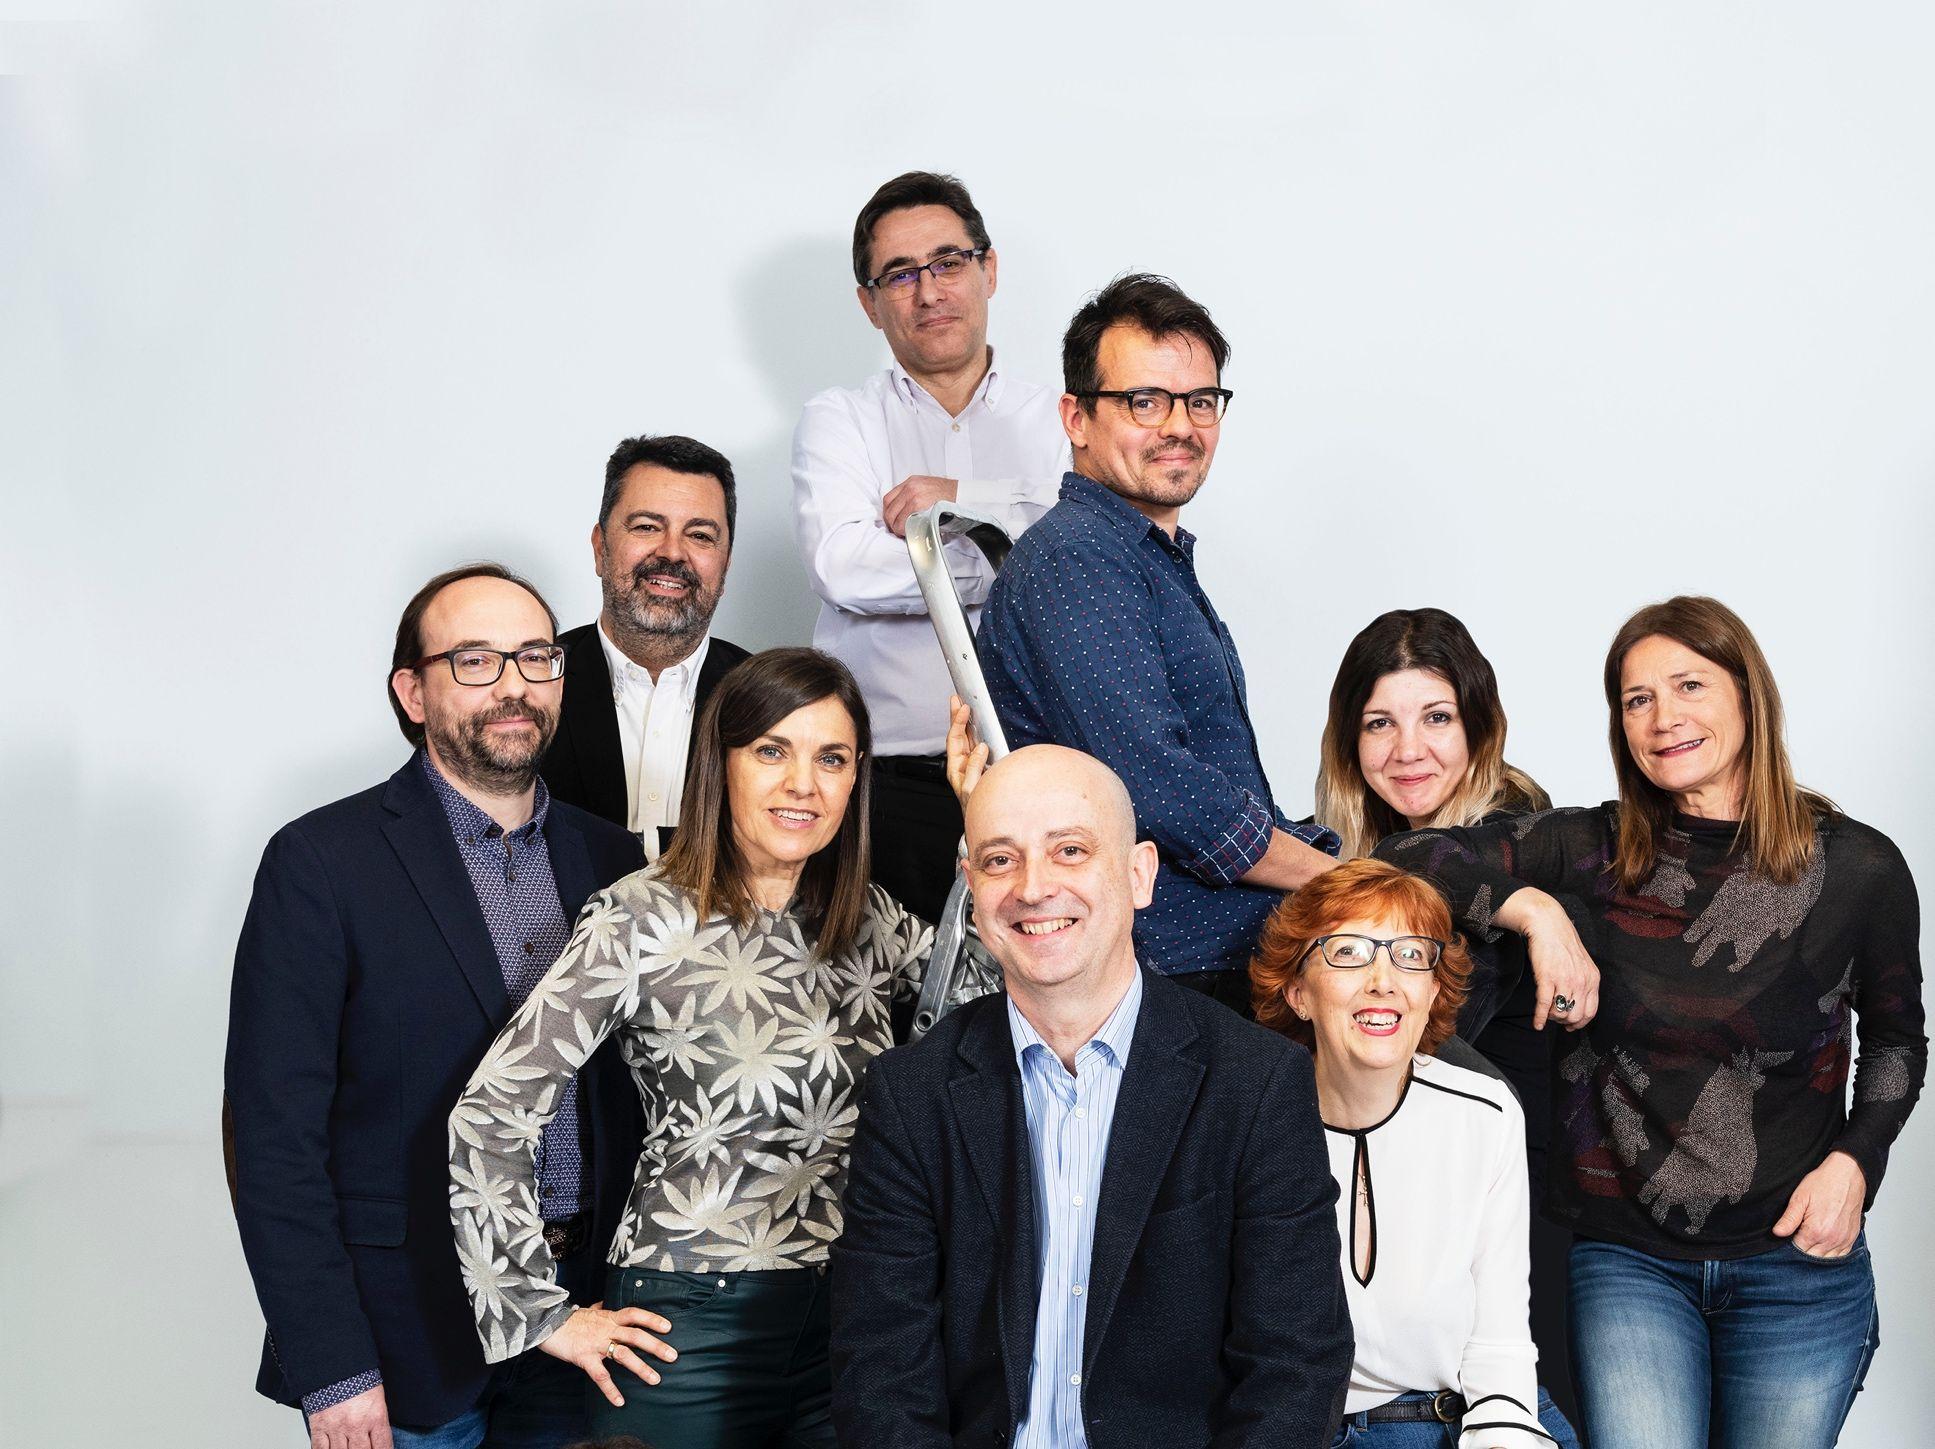 Alejandro Vesga, nuevo editor de la revista Emprendedores - Emprendedores.es